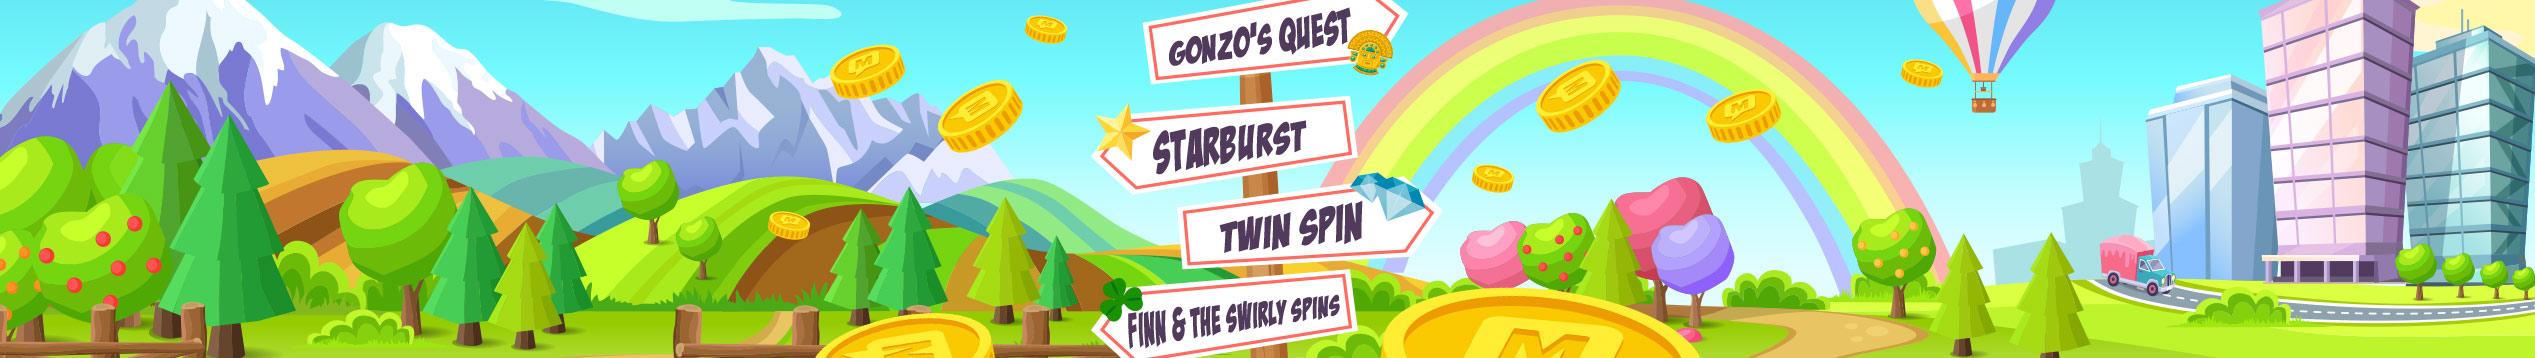 Spill bingo i helgen og bli belønnet med 50 gratisspinn!